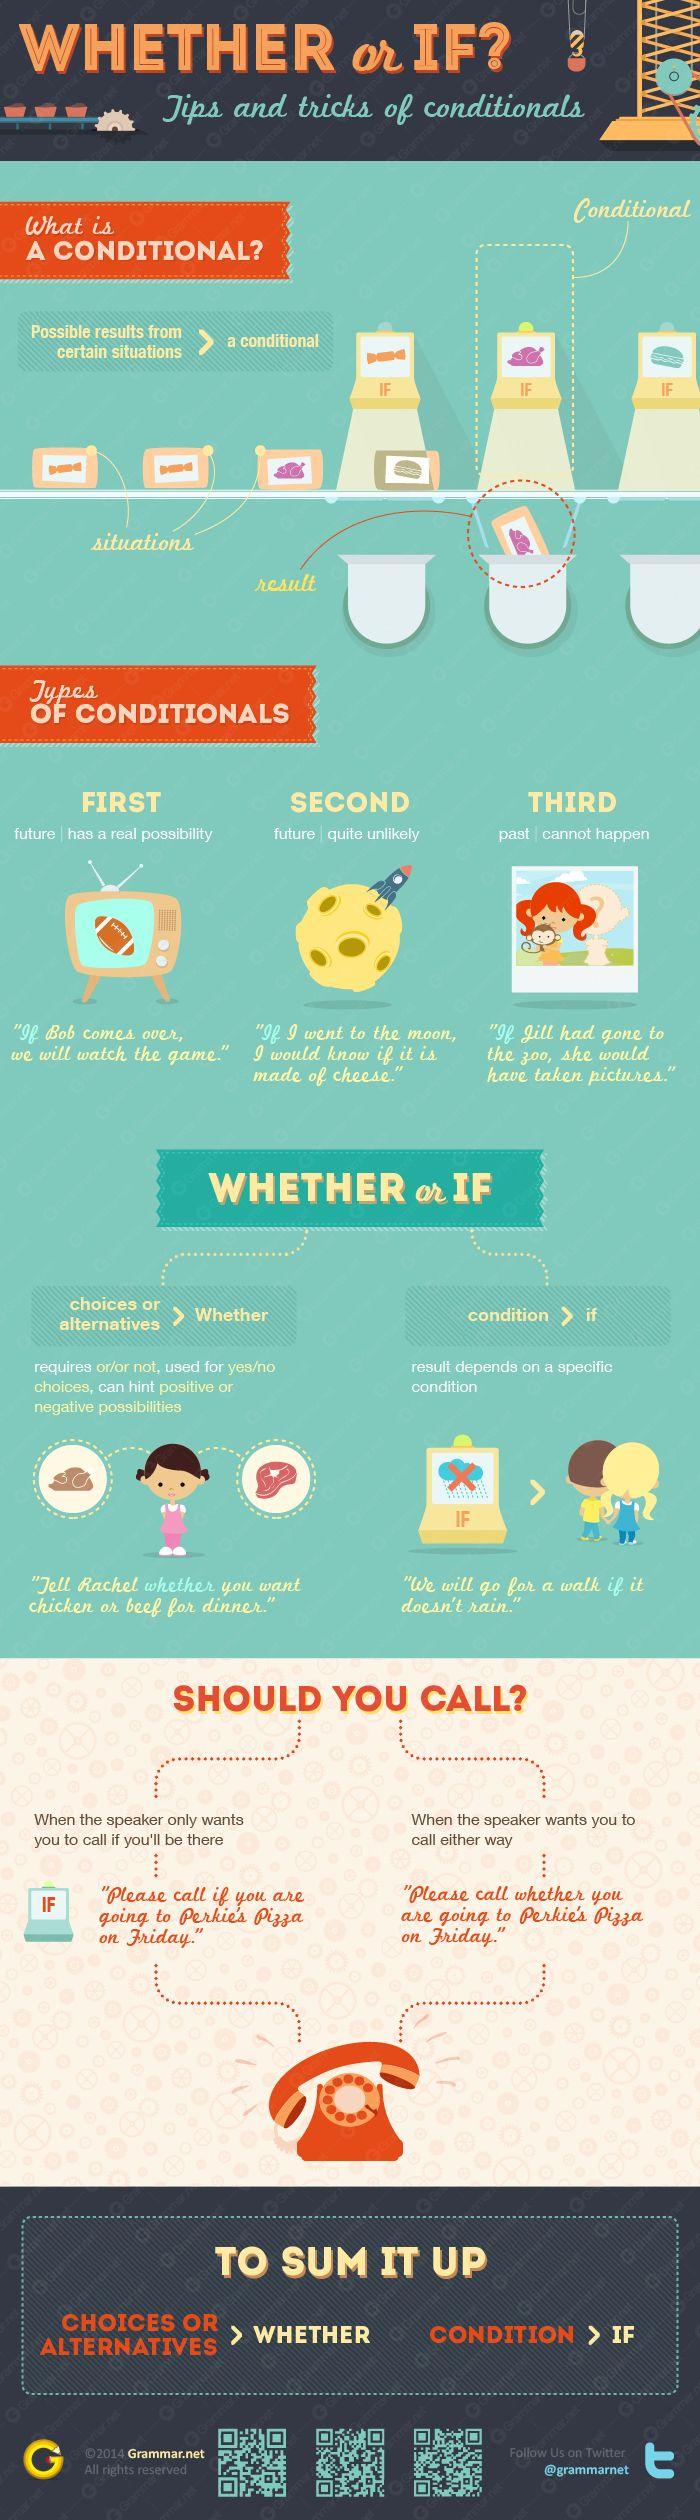 Aprende inglés: trucos y consejos sobre condicionales #infografia #infographic #education by Grammar.net